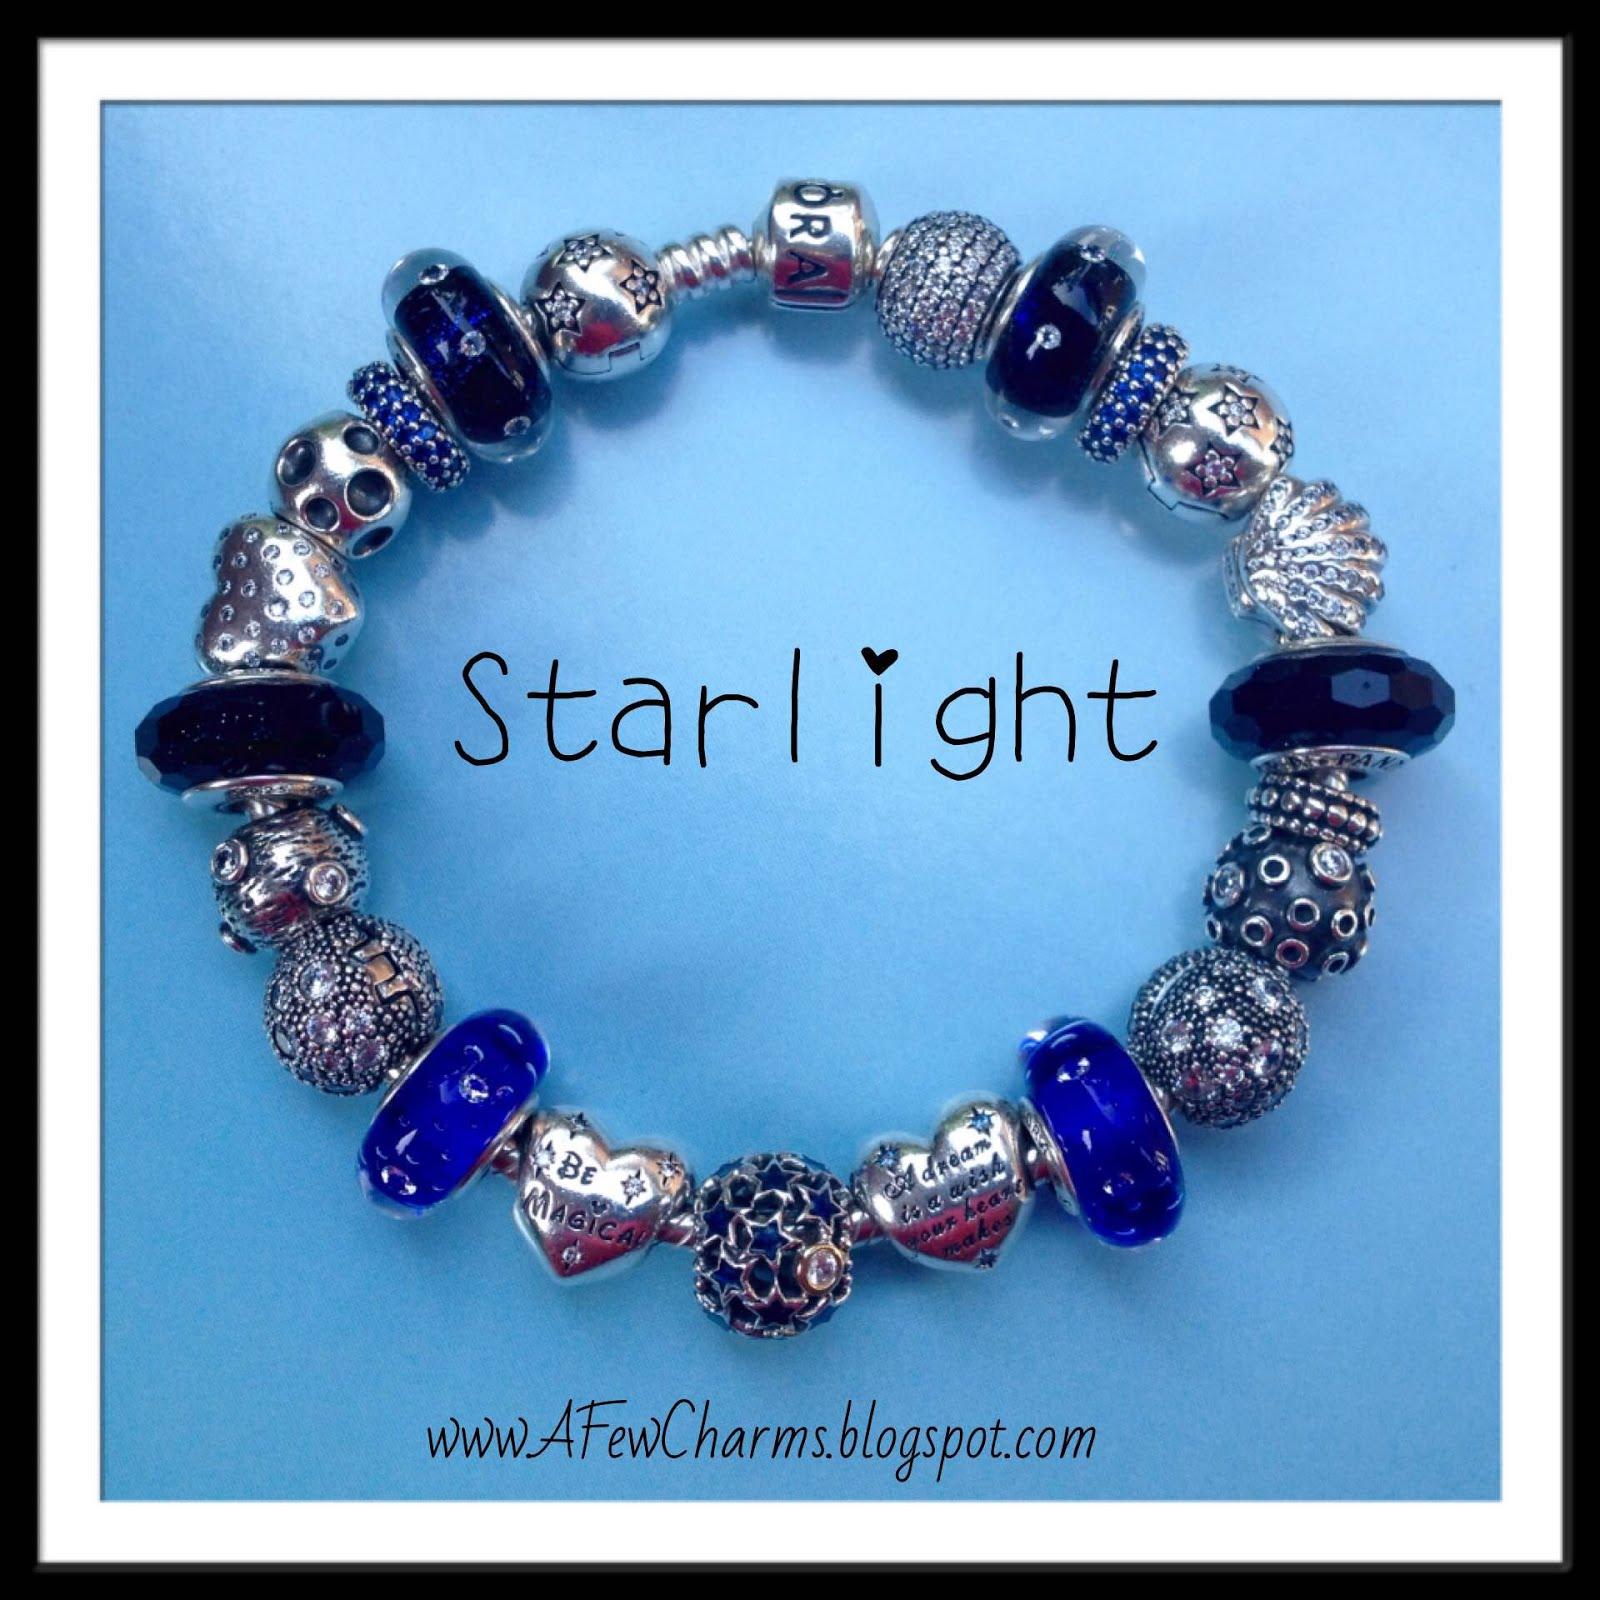 Starlight bracelet